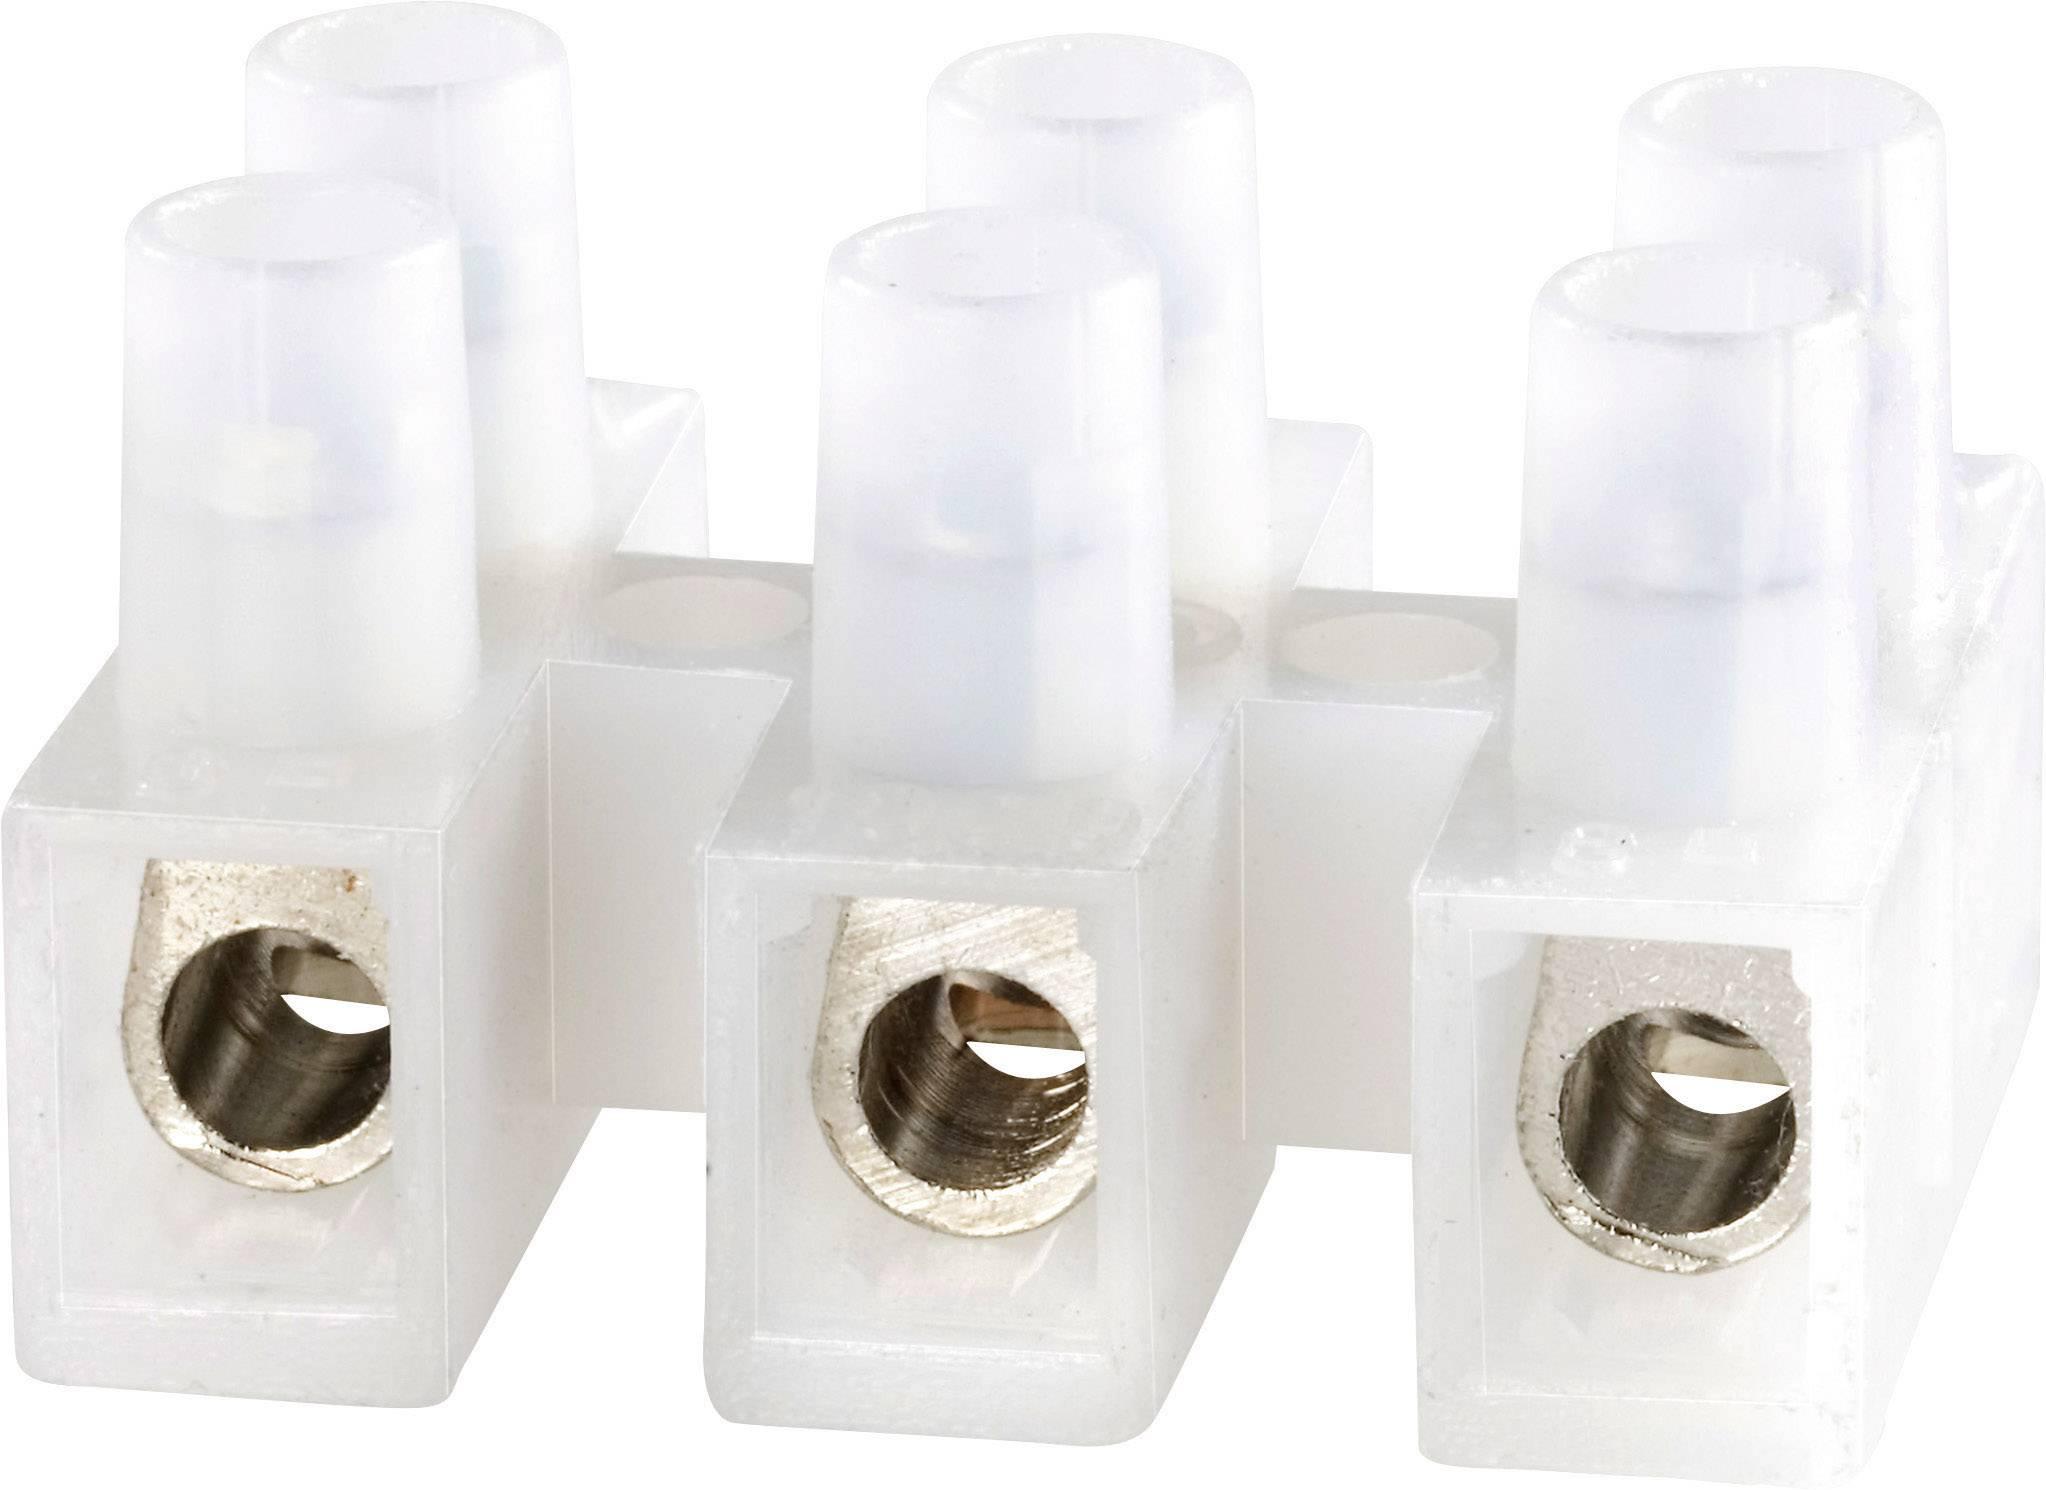 Svietidlové svorky Adels-Contact 1000/3 DS 125303 na kábel s rozmerom -6 mm², tuhosť -6 mm², počet pinov 3, 1 ks, prírodná